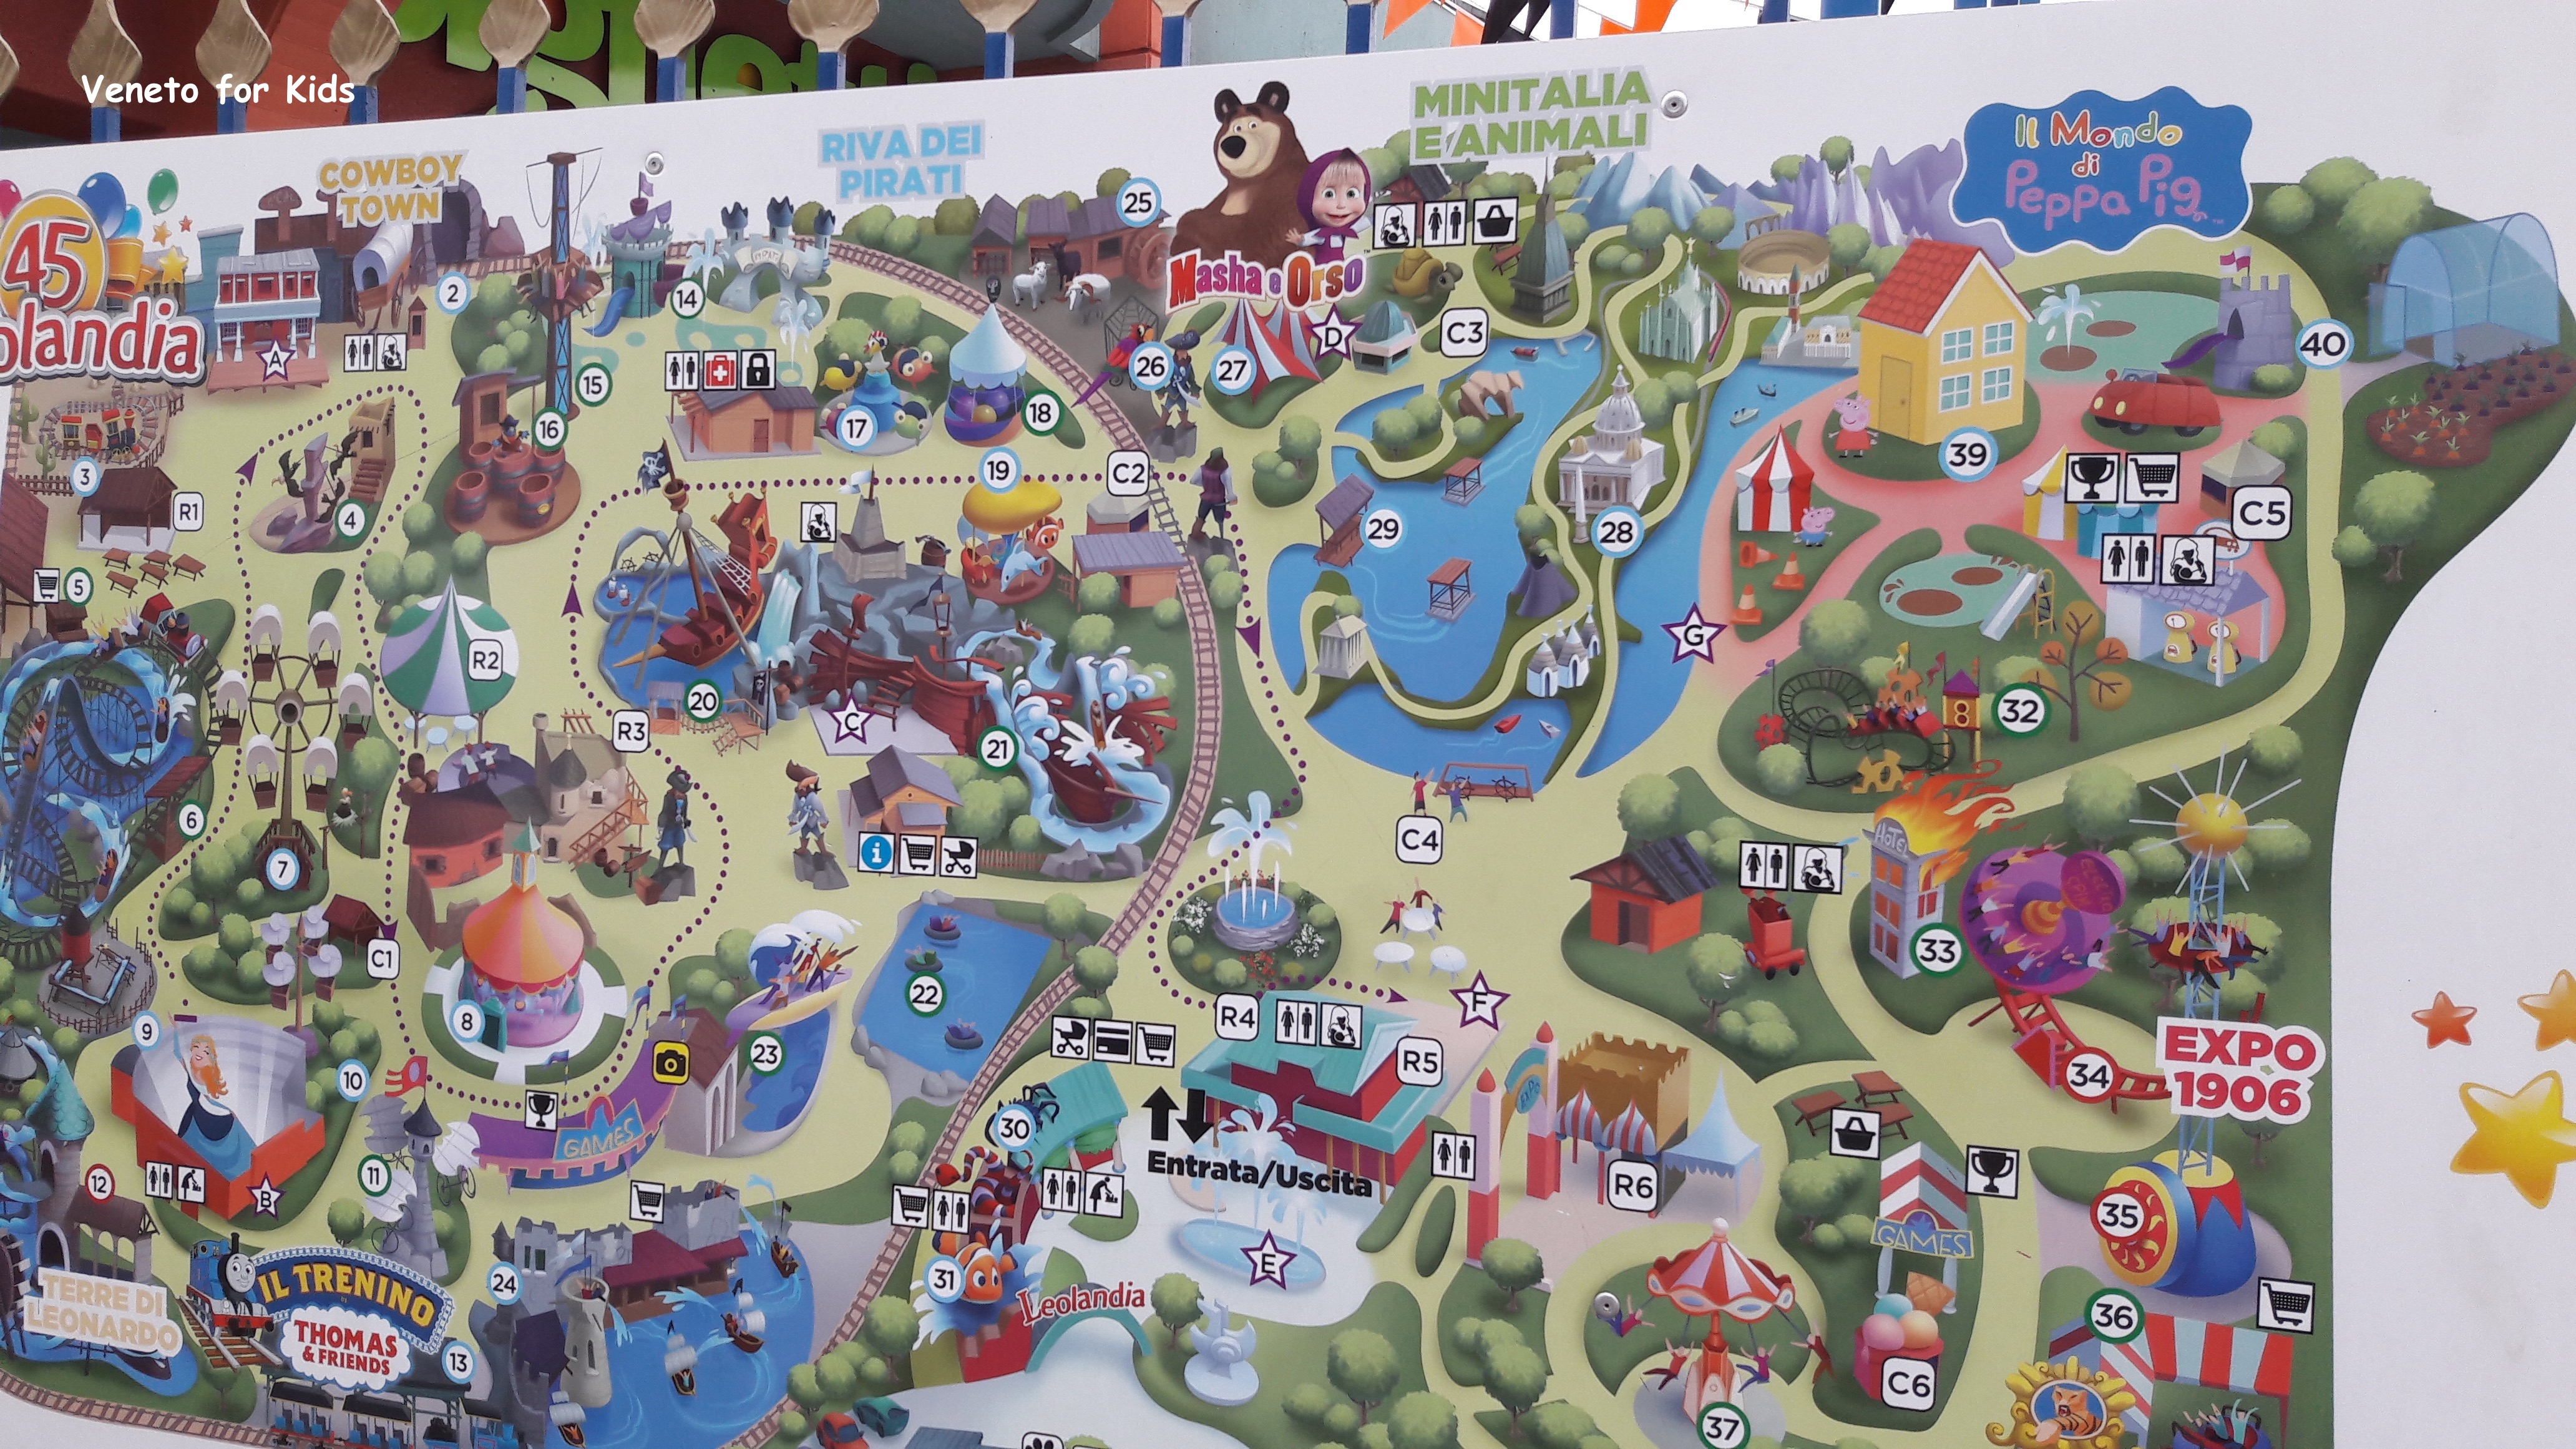 mappa leolandia